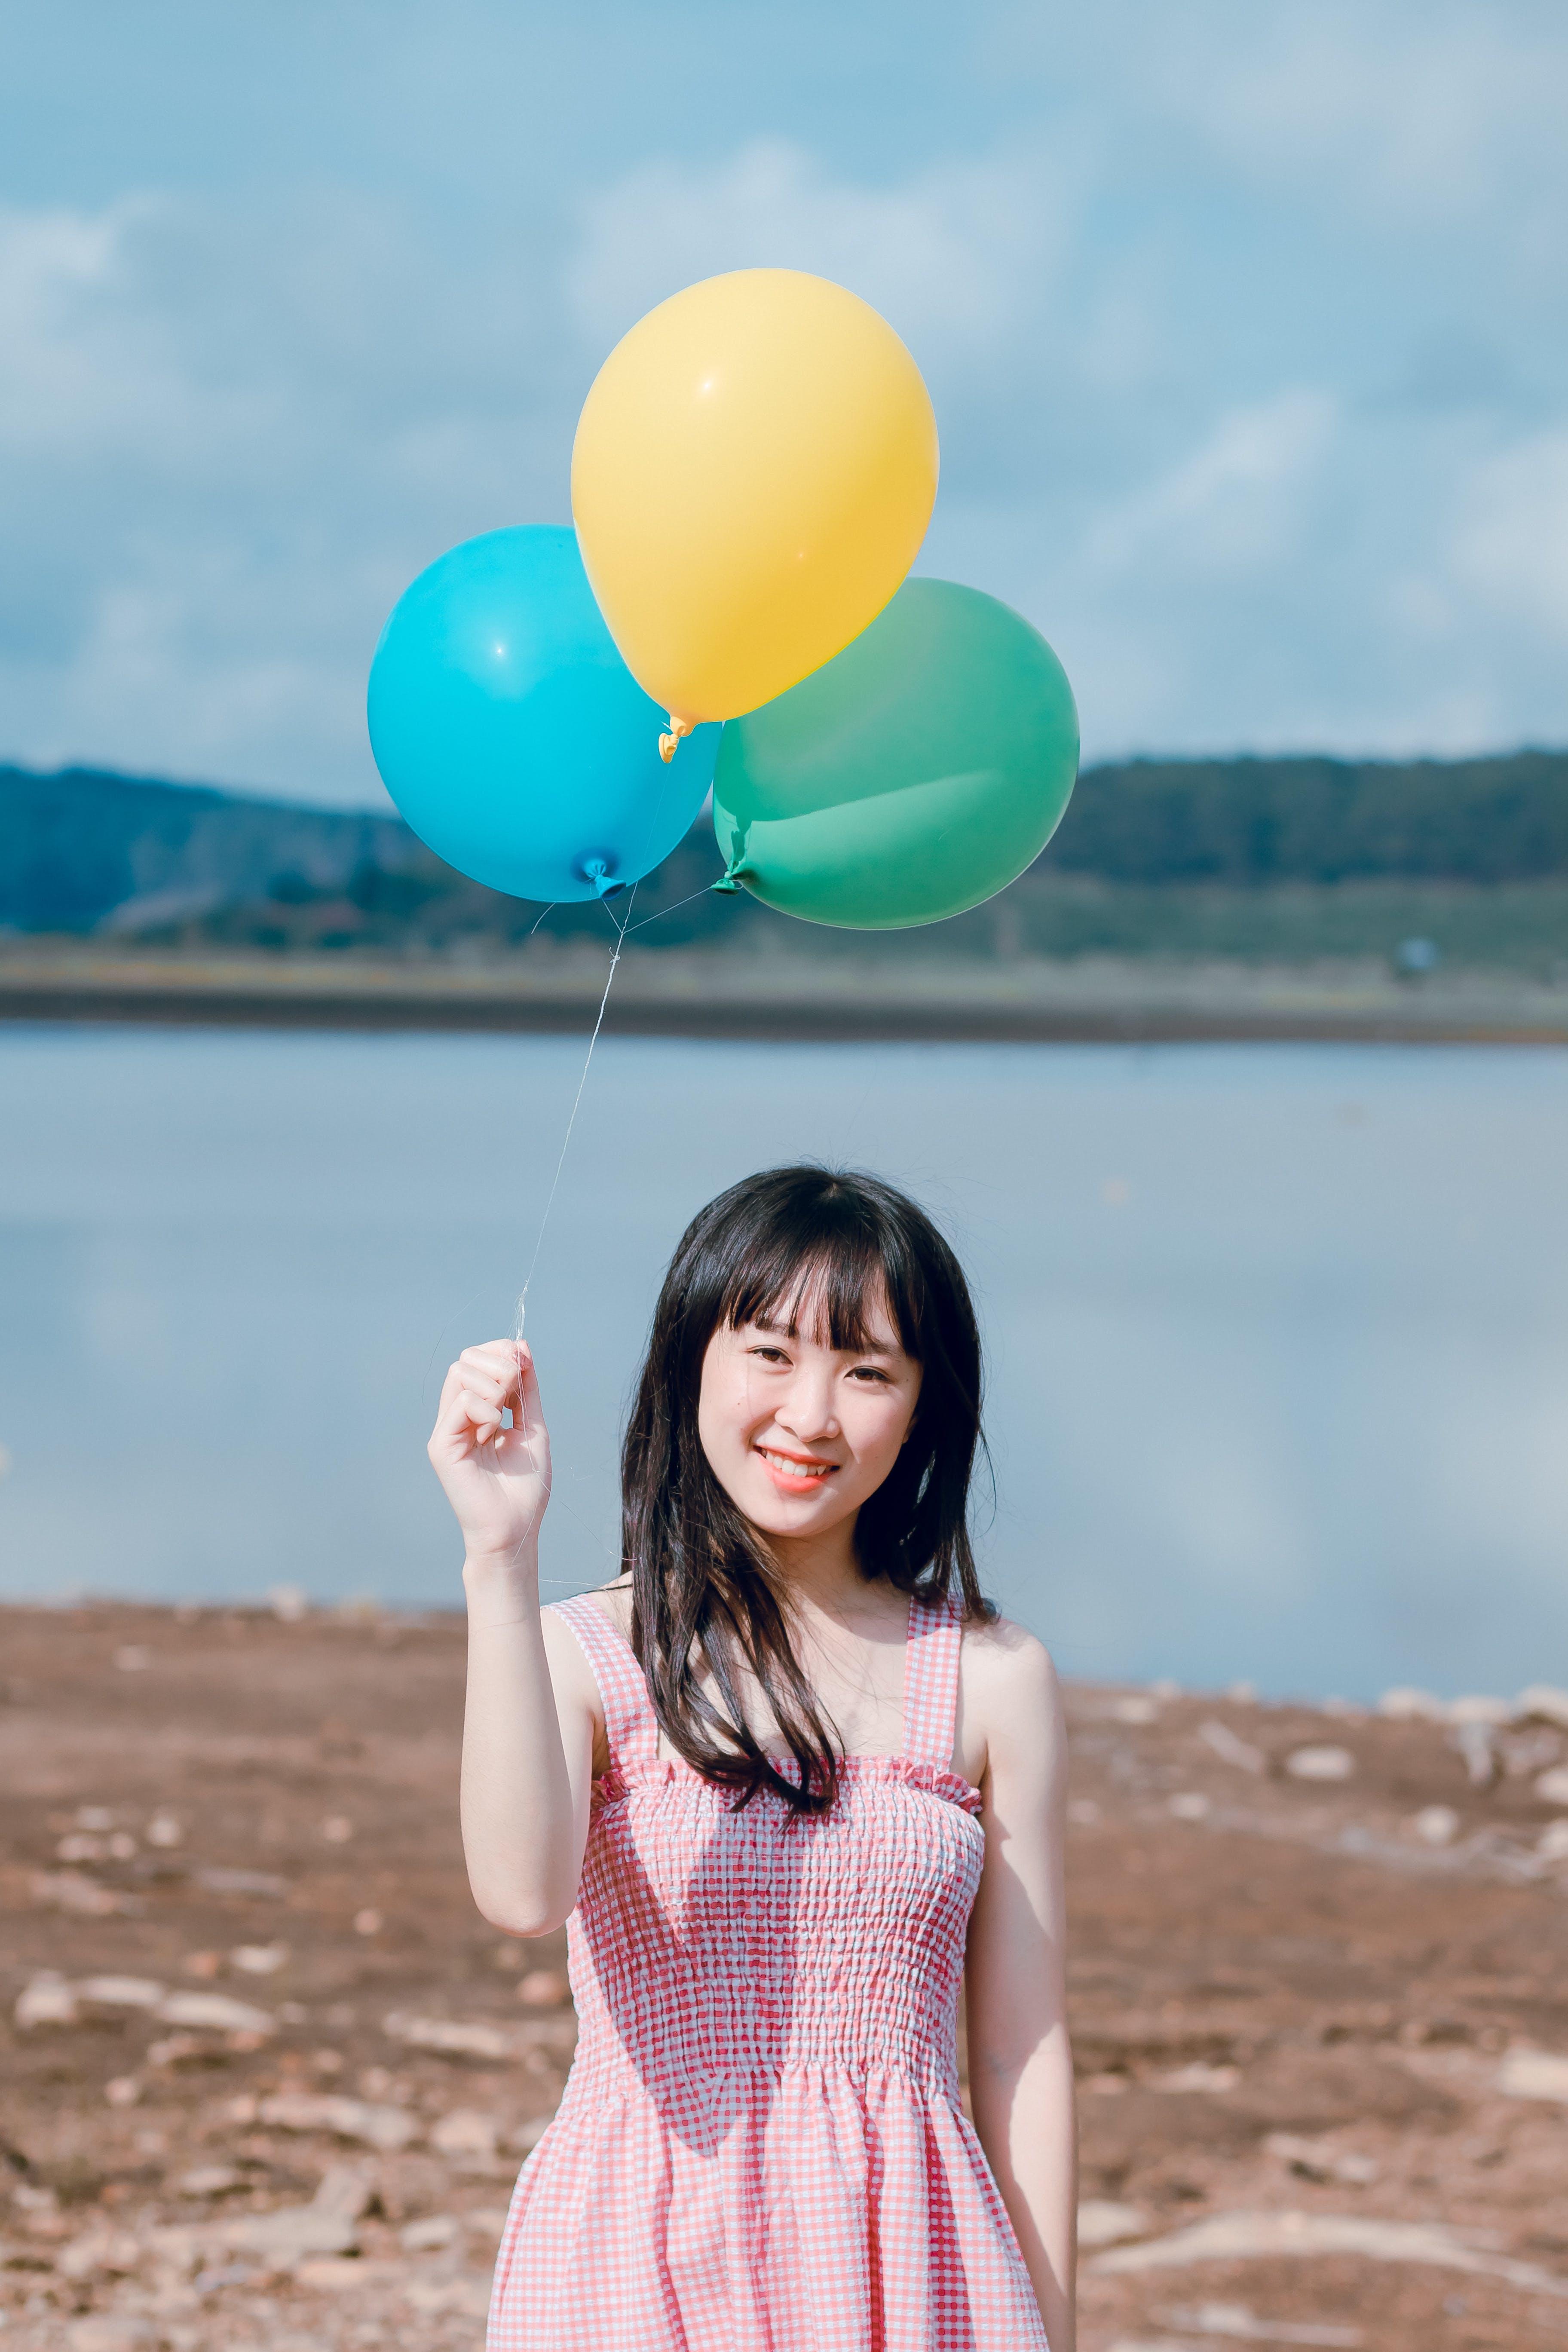 Ážijčanka, ázijské dievča, balóny